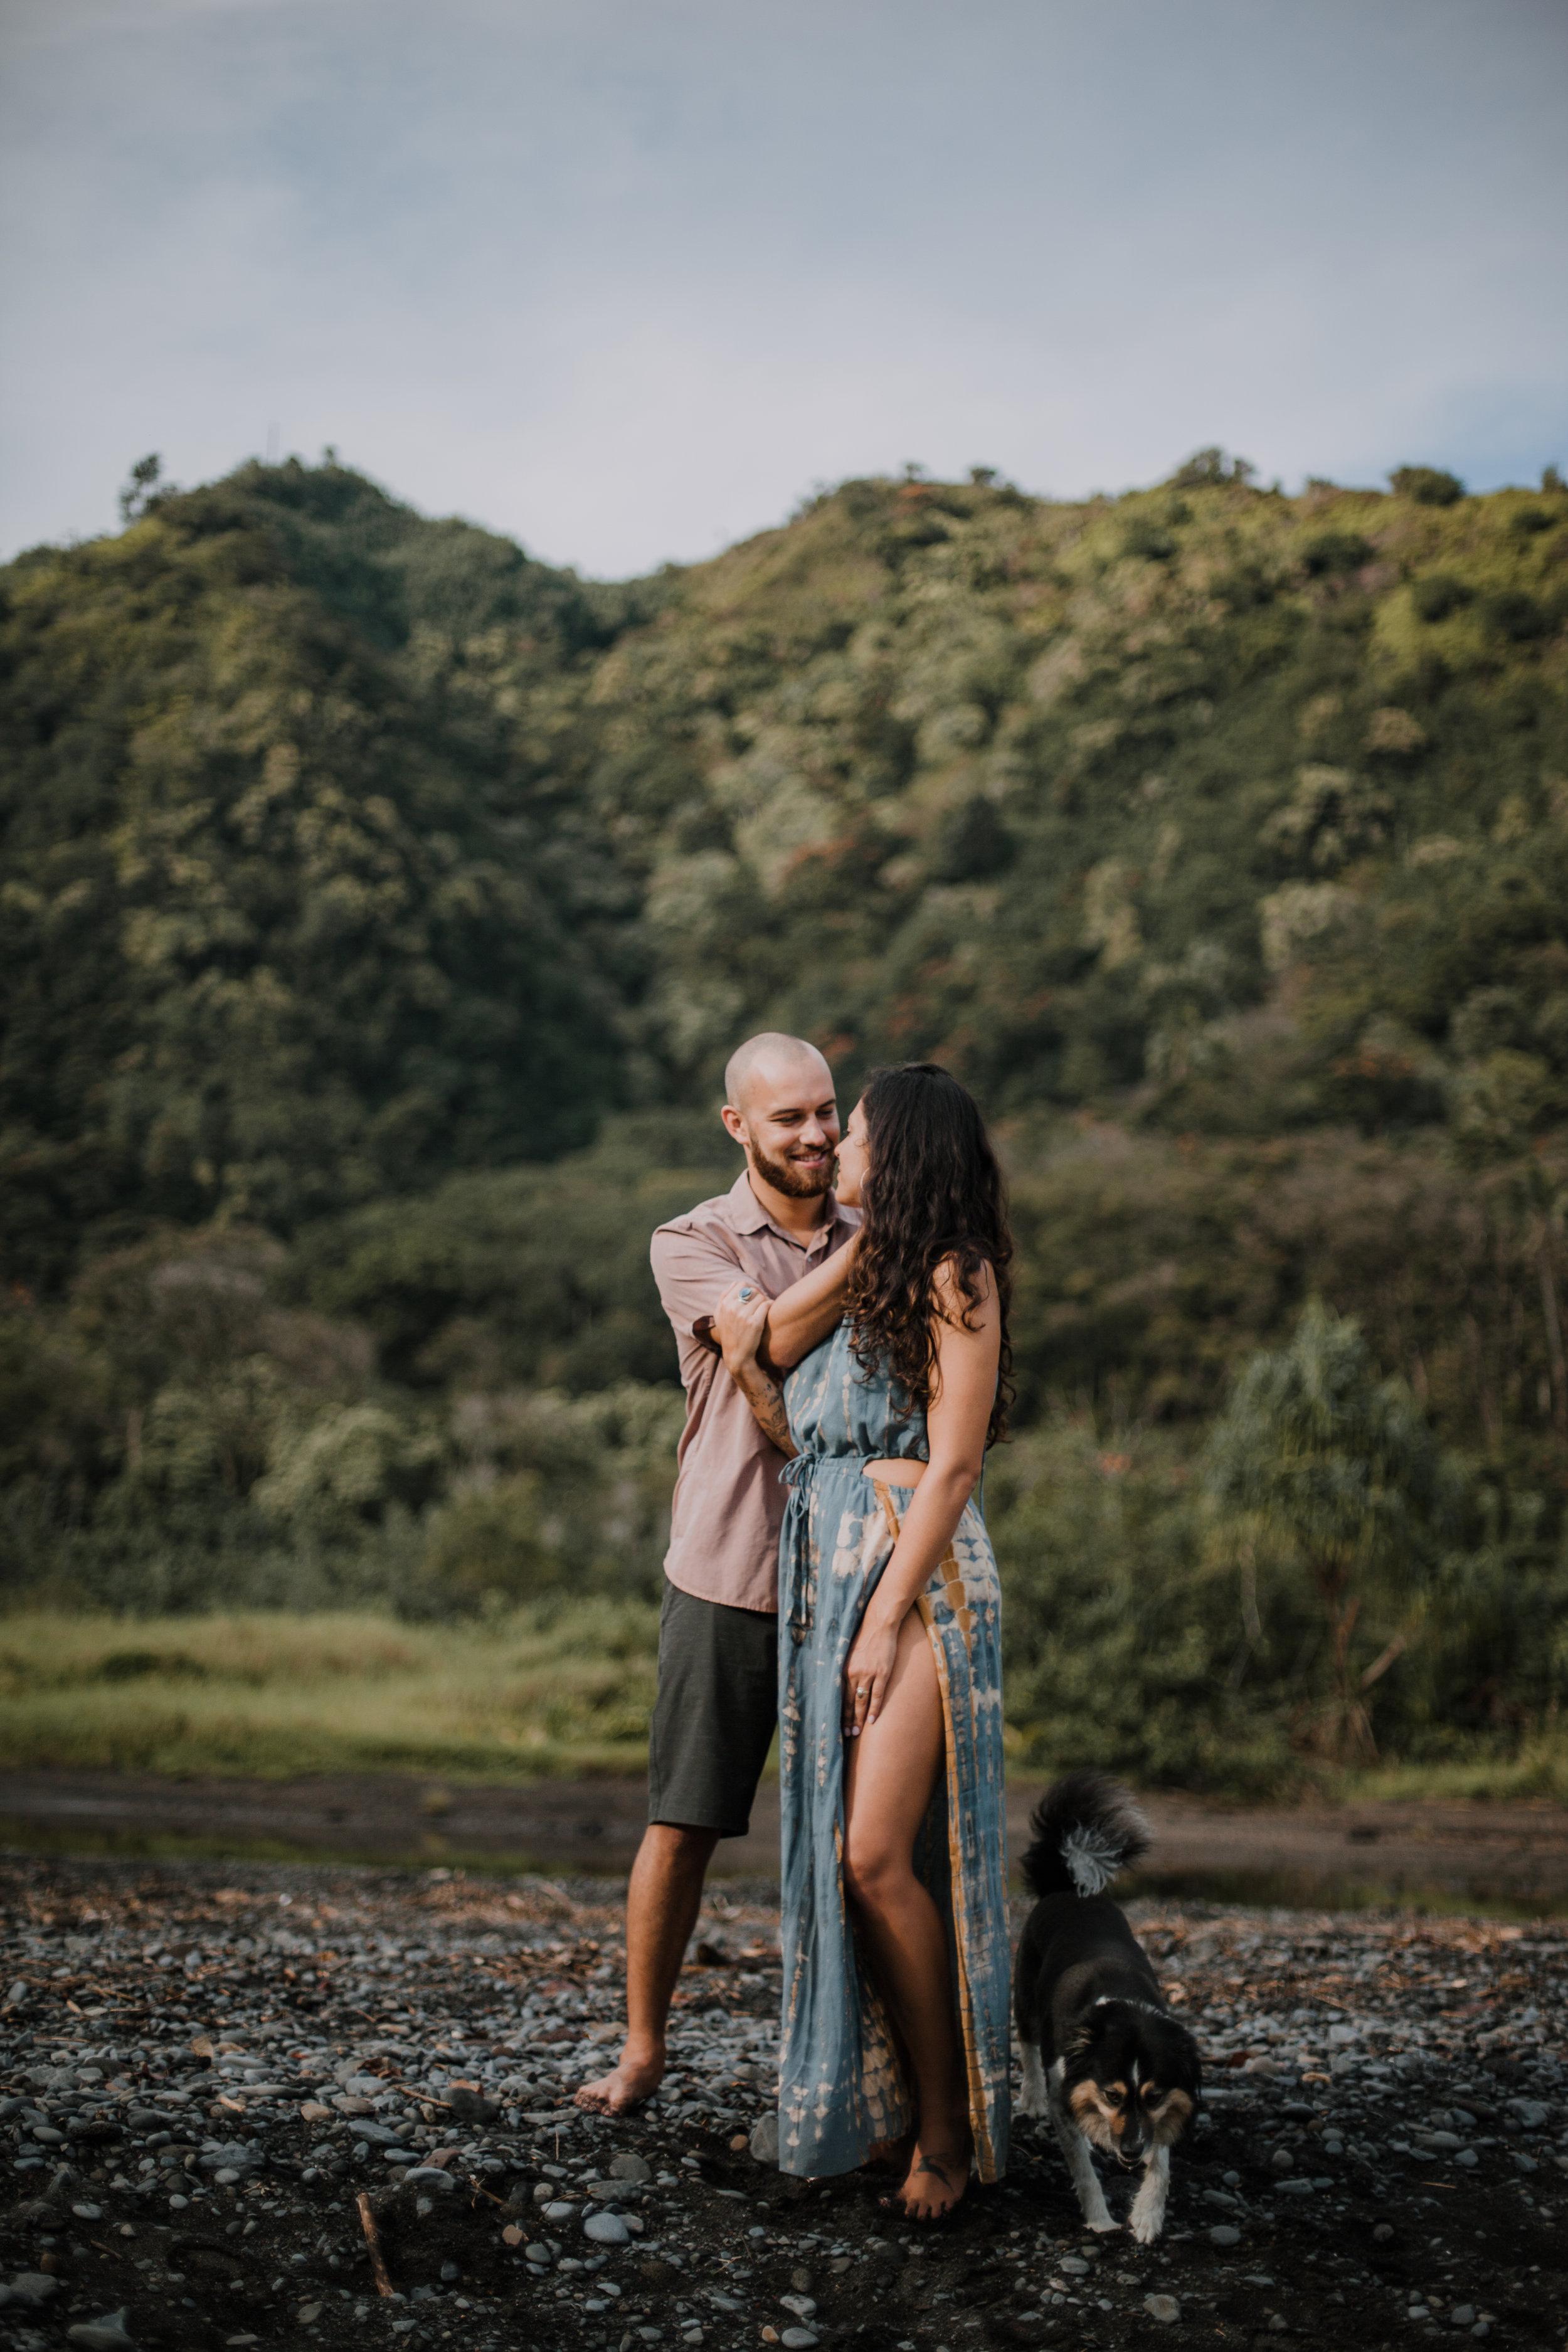 black beach in maui, island hiking, hawaii waterfall, road to hana, maui waterfall, hawaii wedding photographer, hawaii elopement photographer, maui wedding, maui engagements, maui elopement